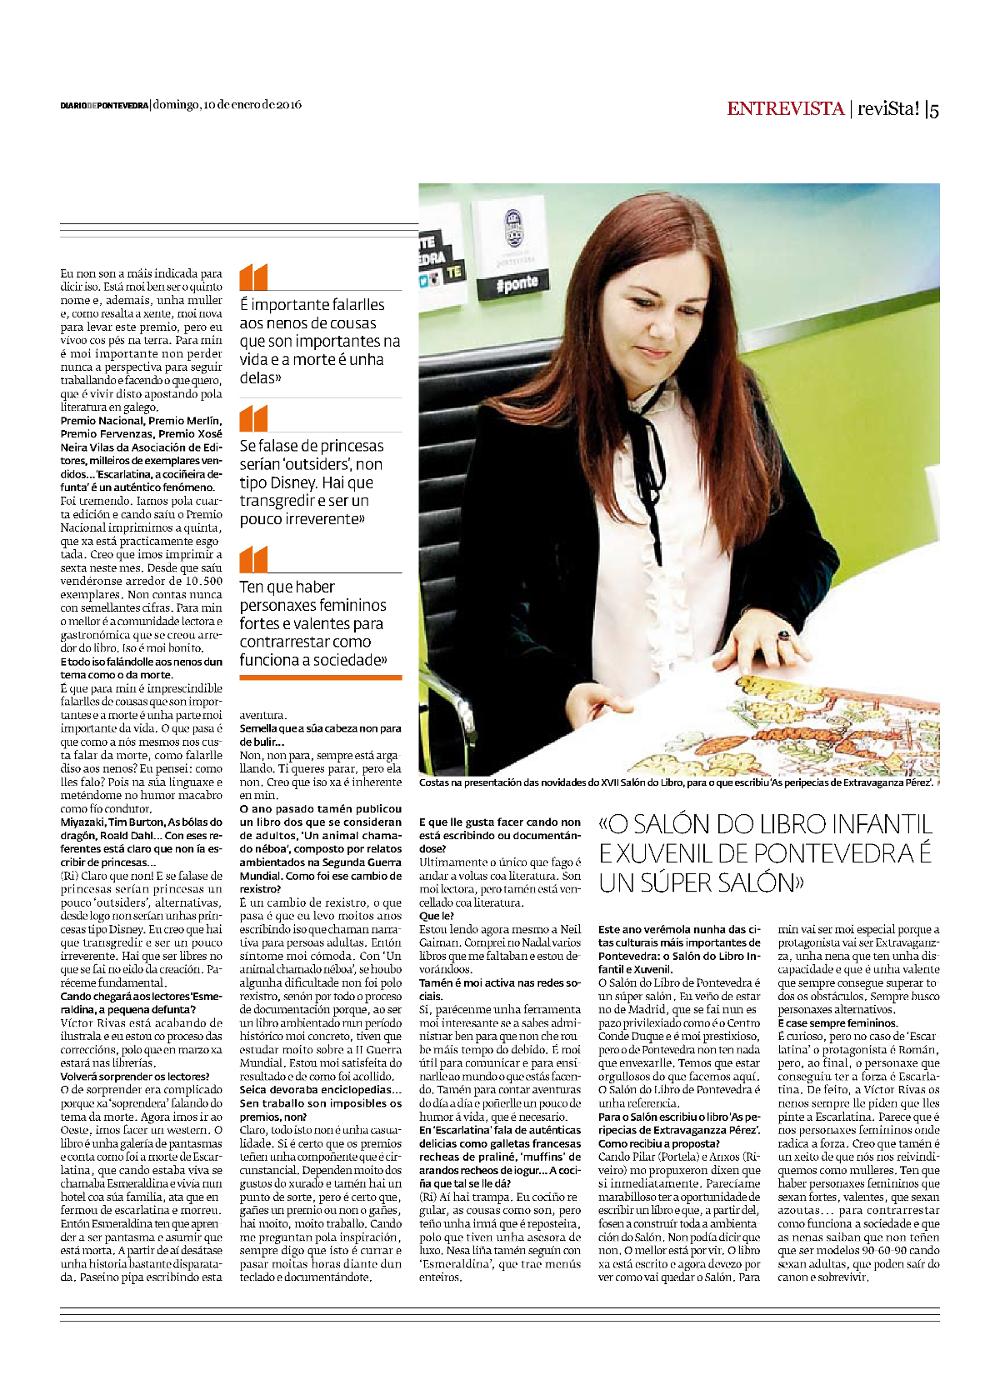 Entrevista a Ledicia Costas DP 2